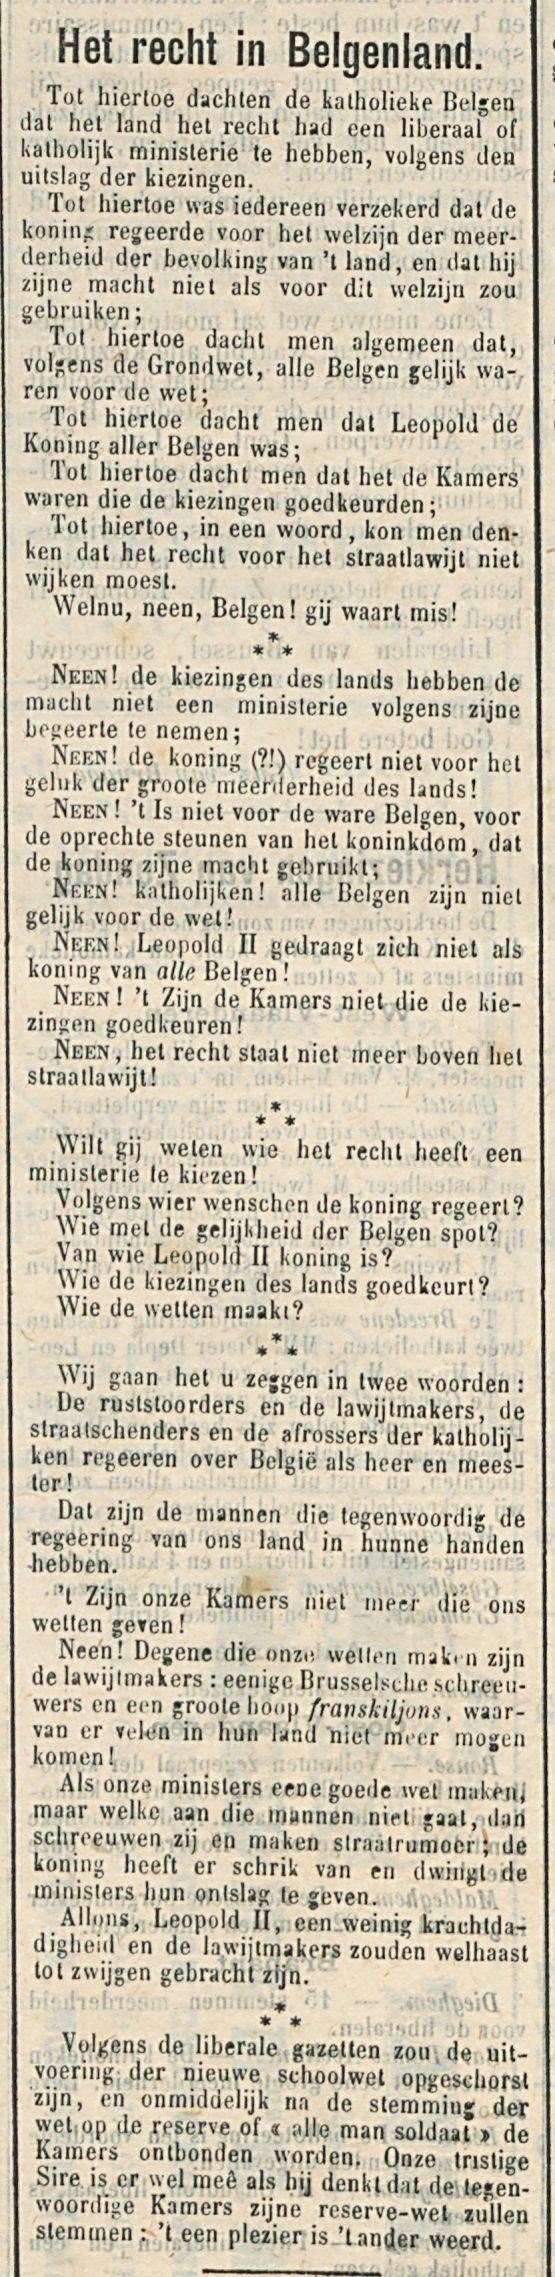 Het recht in Belgenland